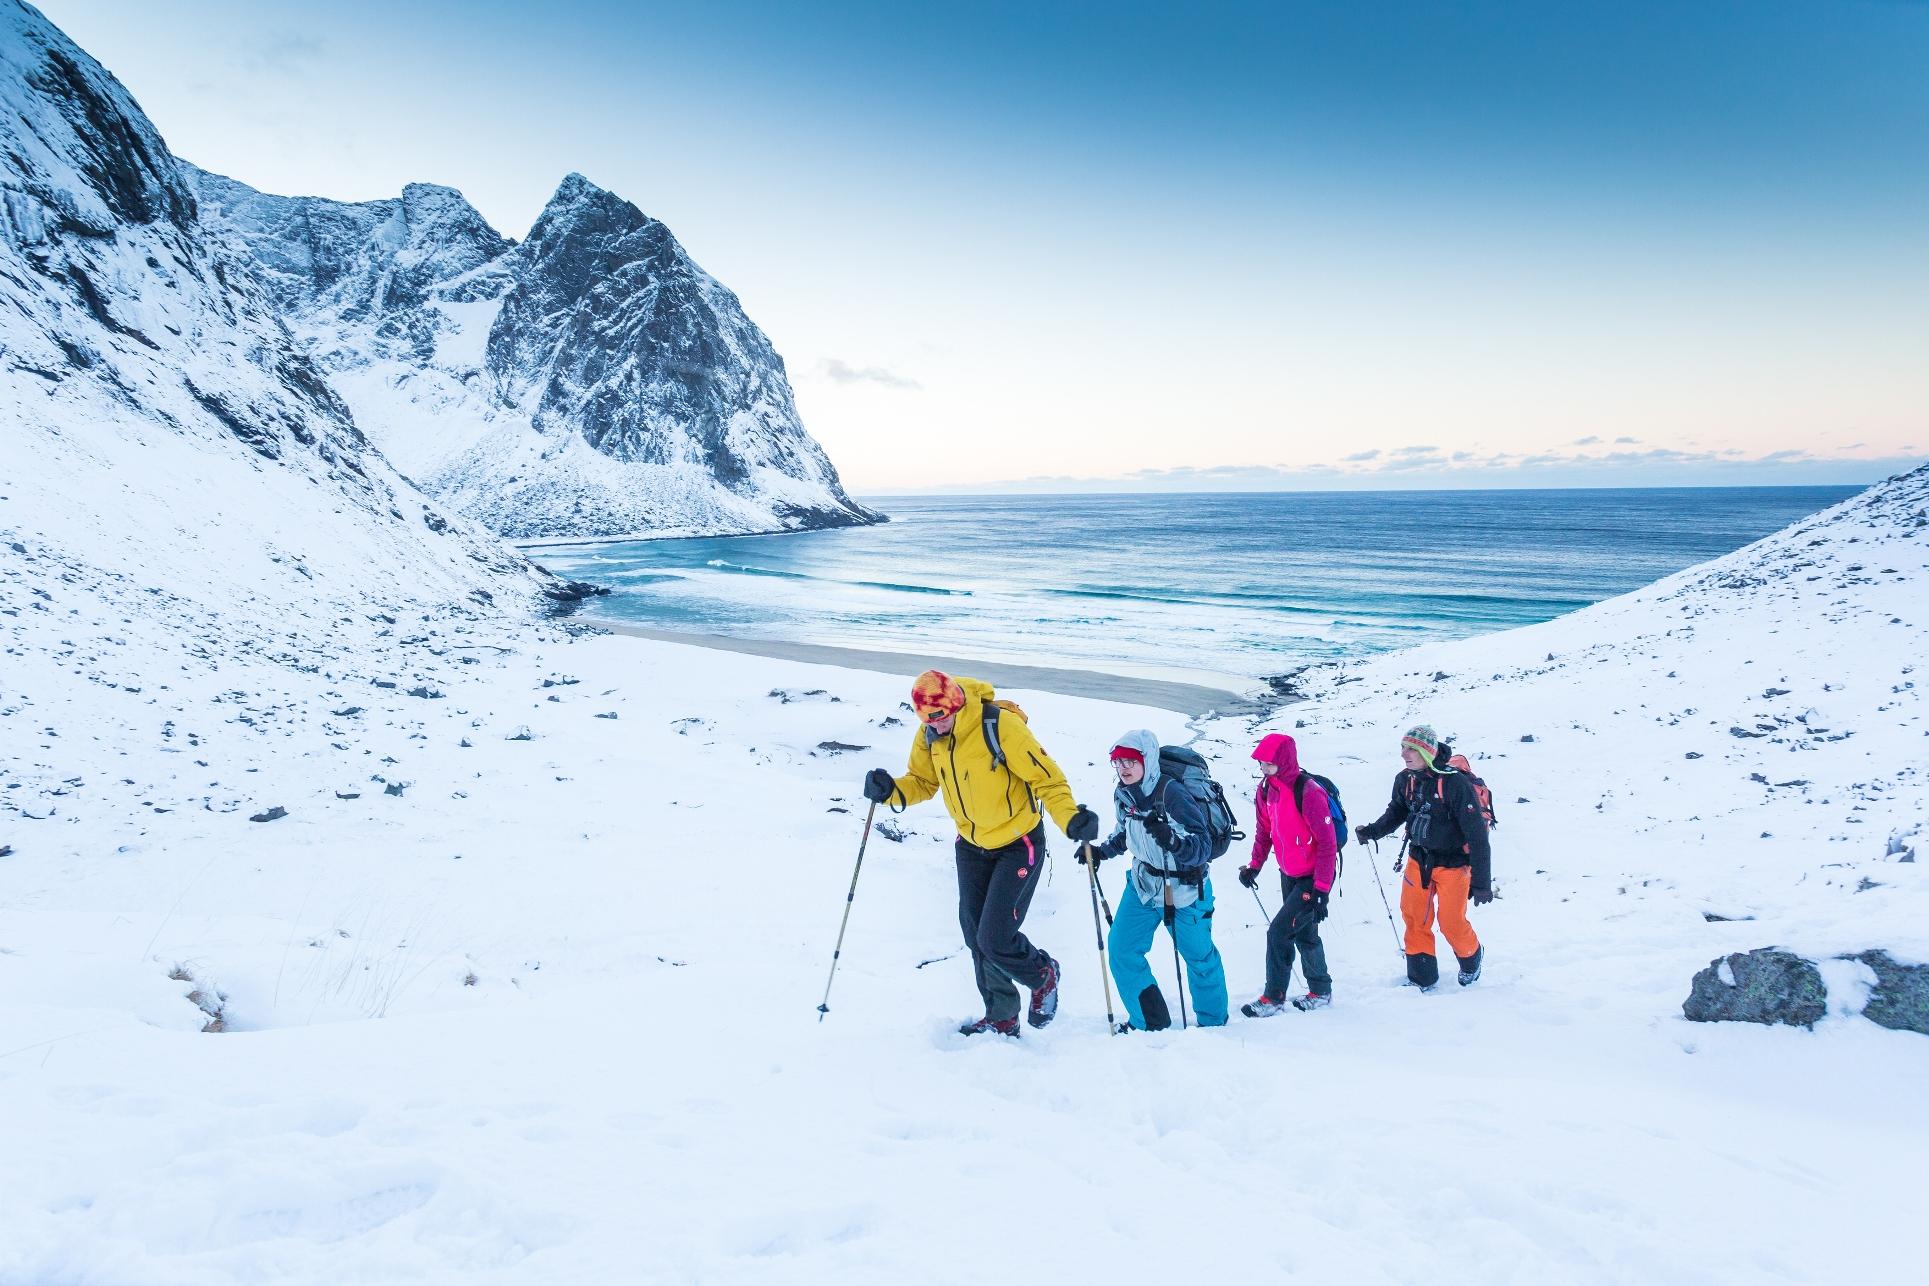 ロフォーテン諸島でホワイト・ハイキング@www.visitnorway.com